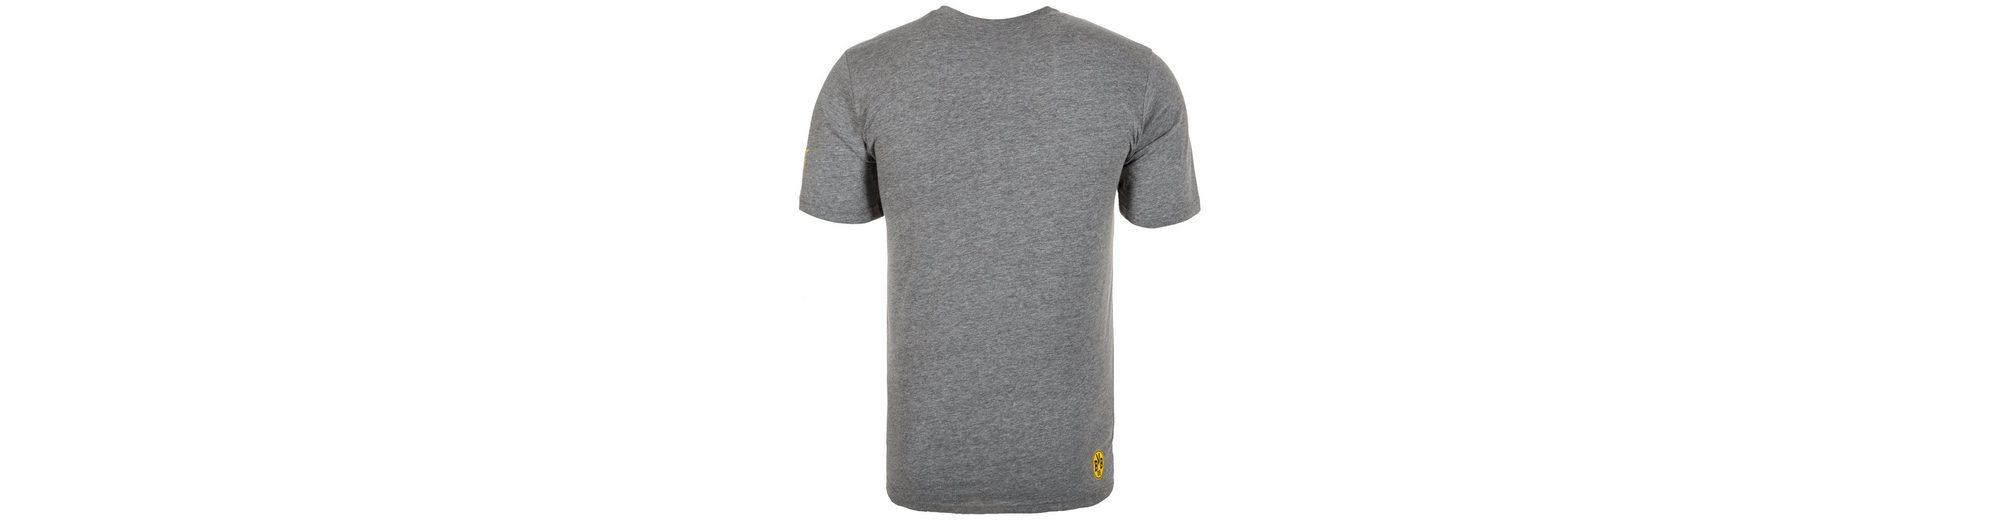 Gemütlich Günstig Kaufen Footaction PUMA T-Shirt Borussia Dortmund Freies Verschiffen Finish KmXe6Vl